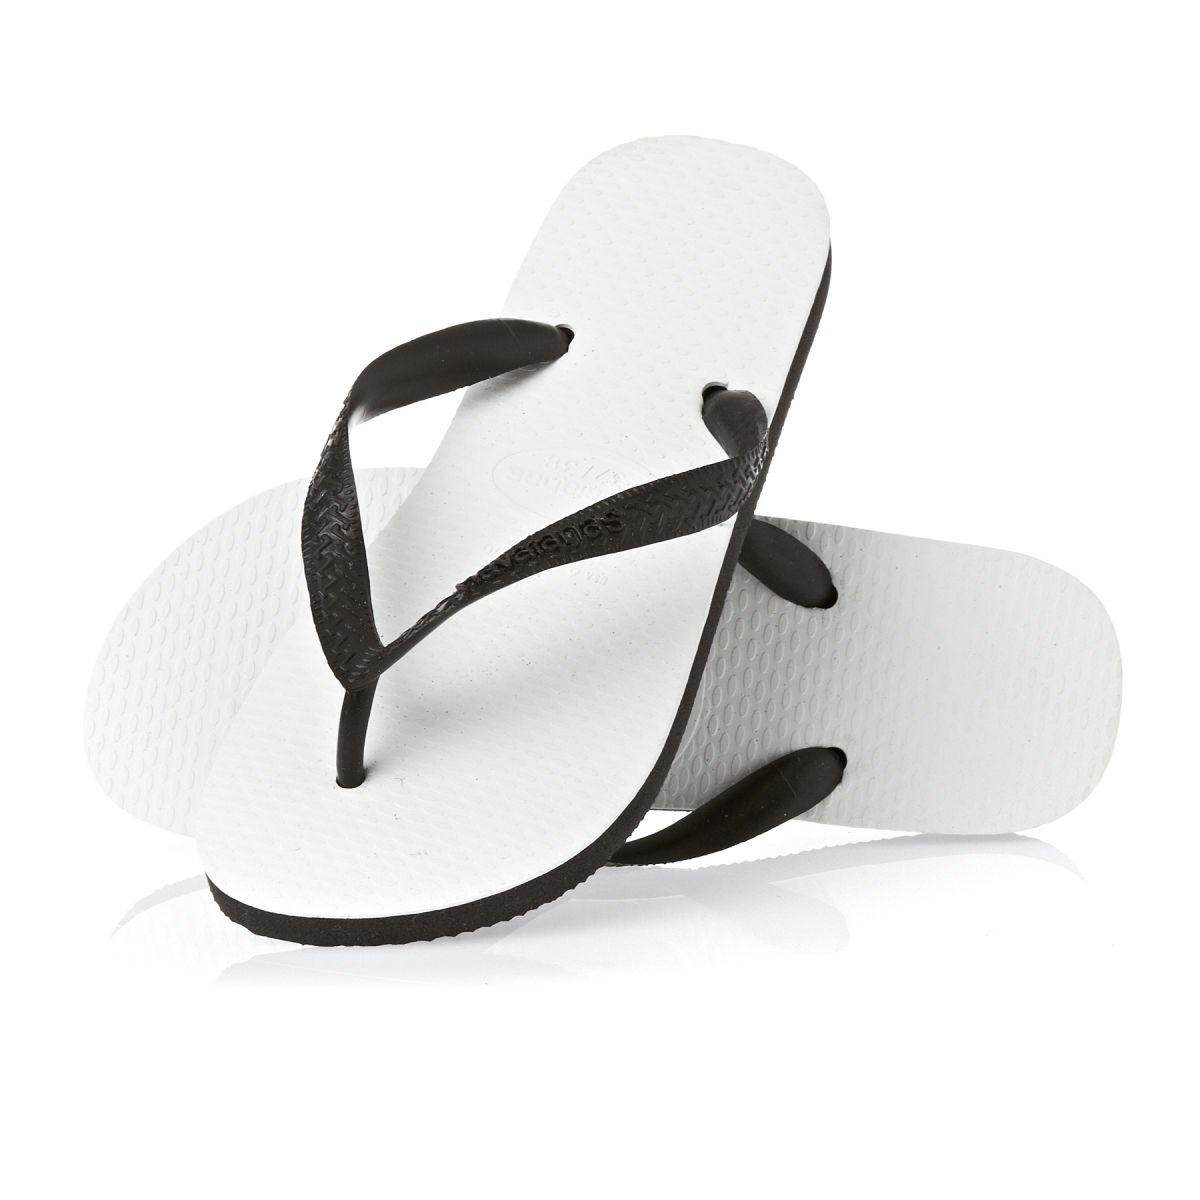 3ee72d668 sandalias havaianas tradicional (branco/preto) 35/36. Carregando zoom.